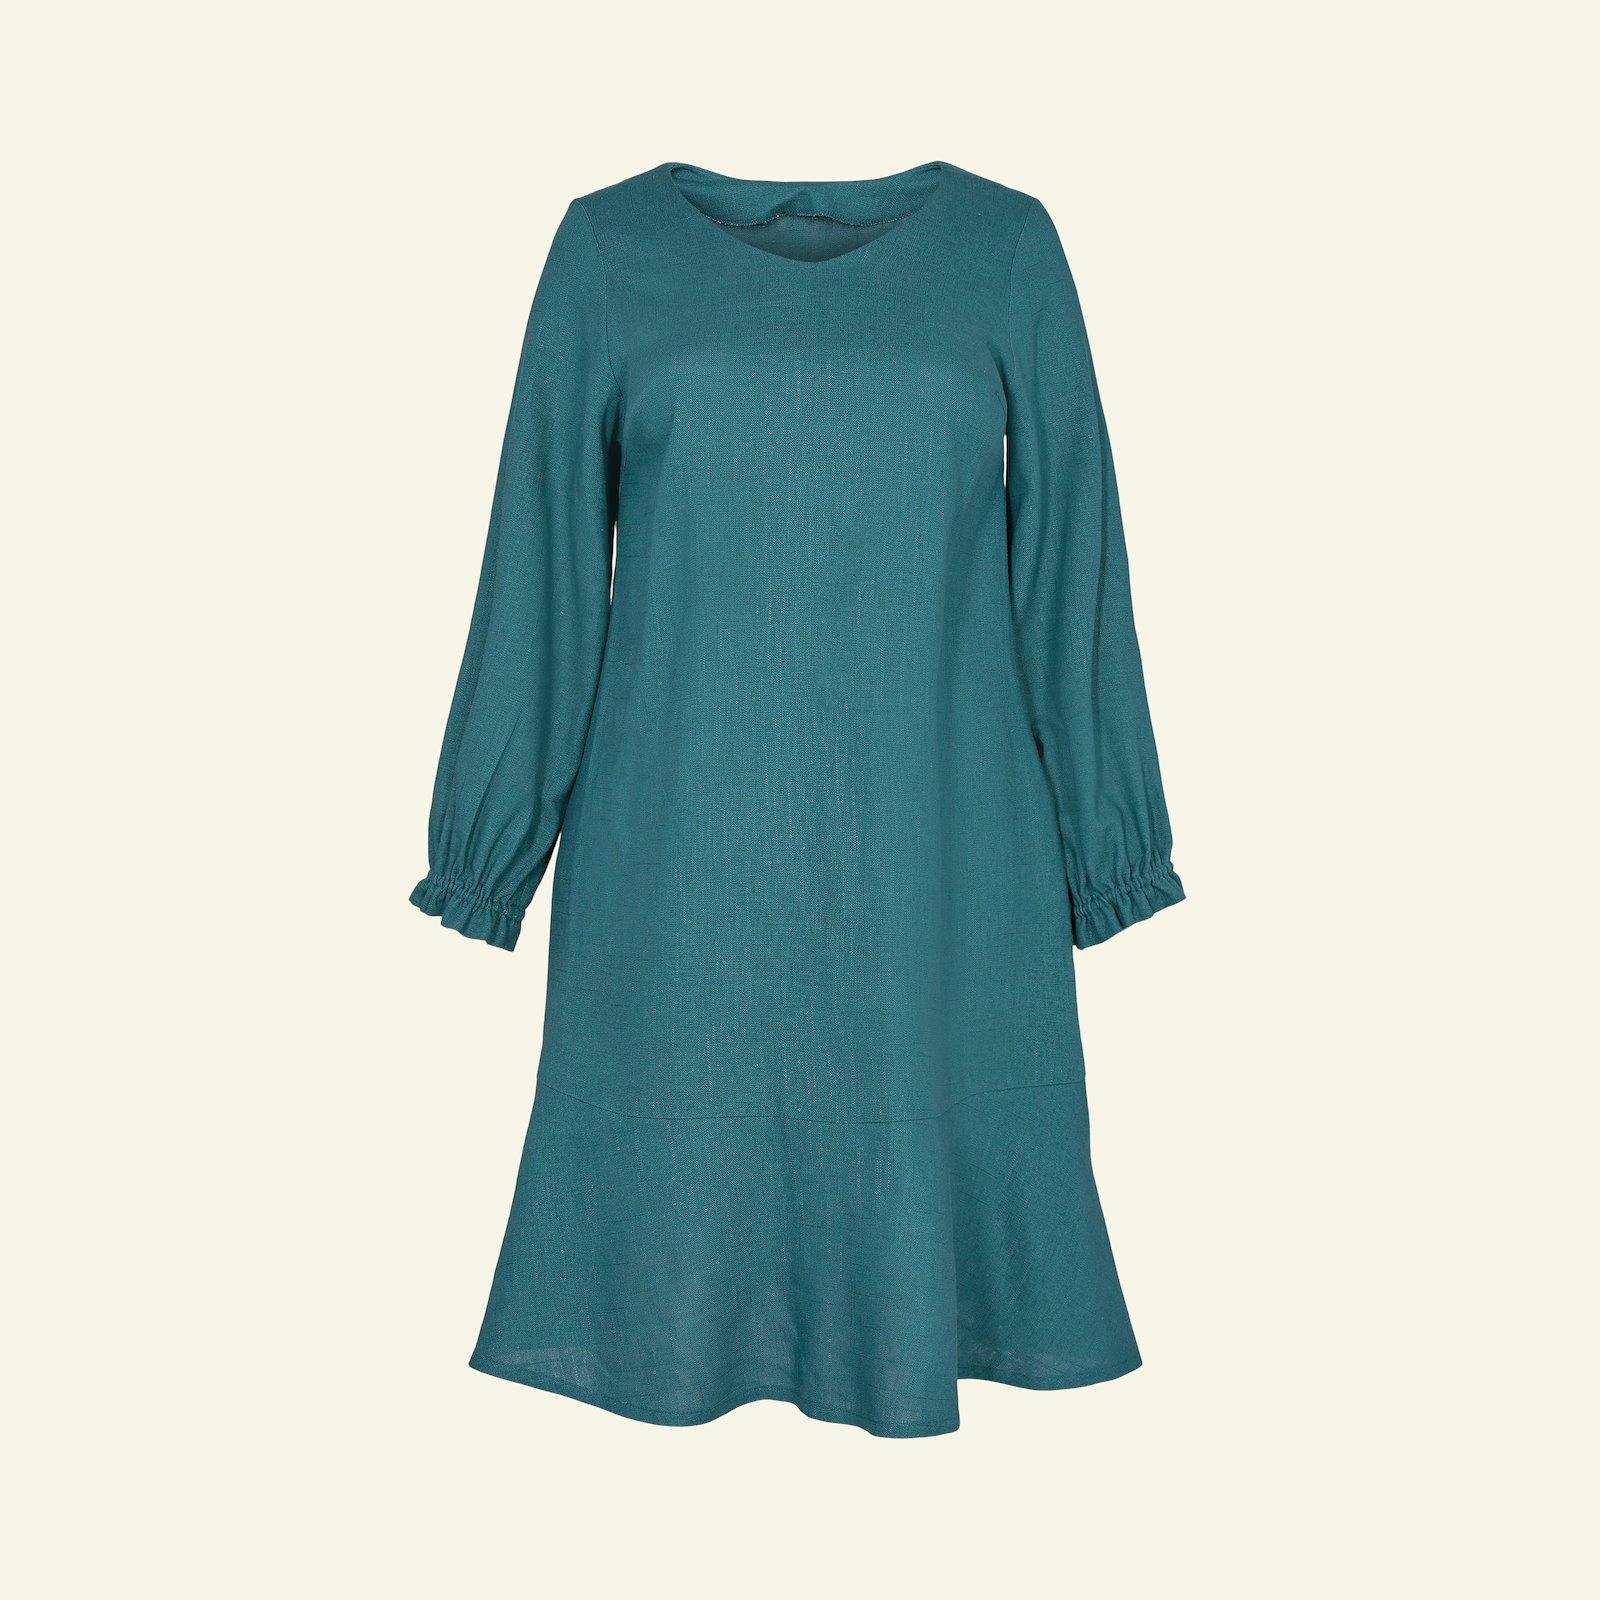 Kleid mit langen und kurzen Ärmeln, 46 p73018_410129_sskit